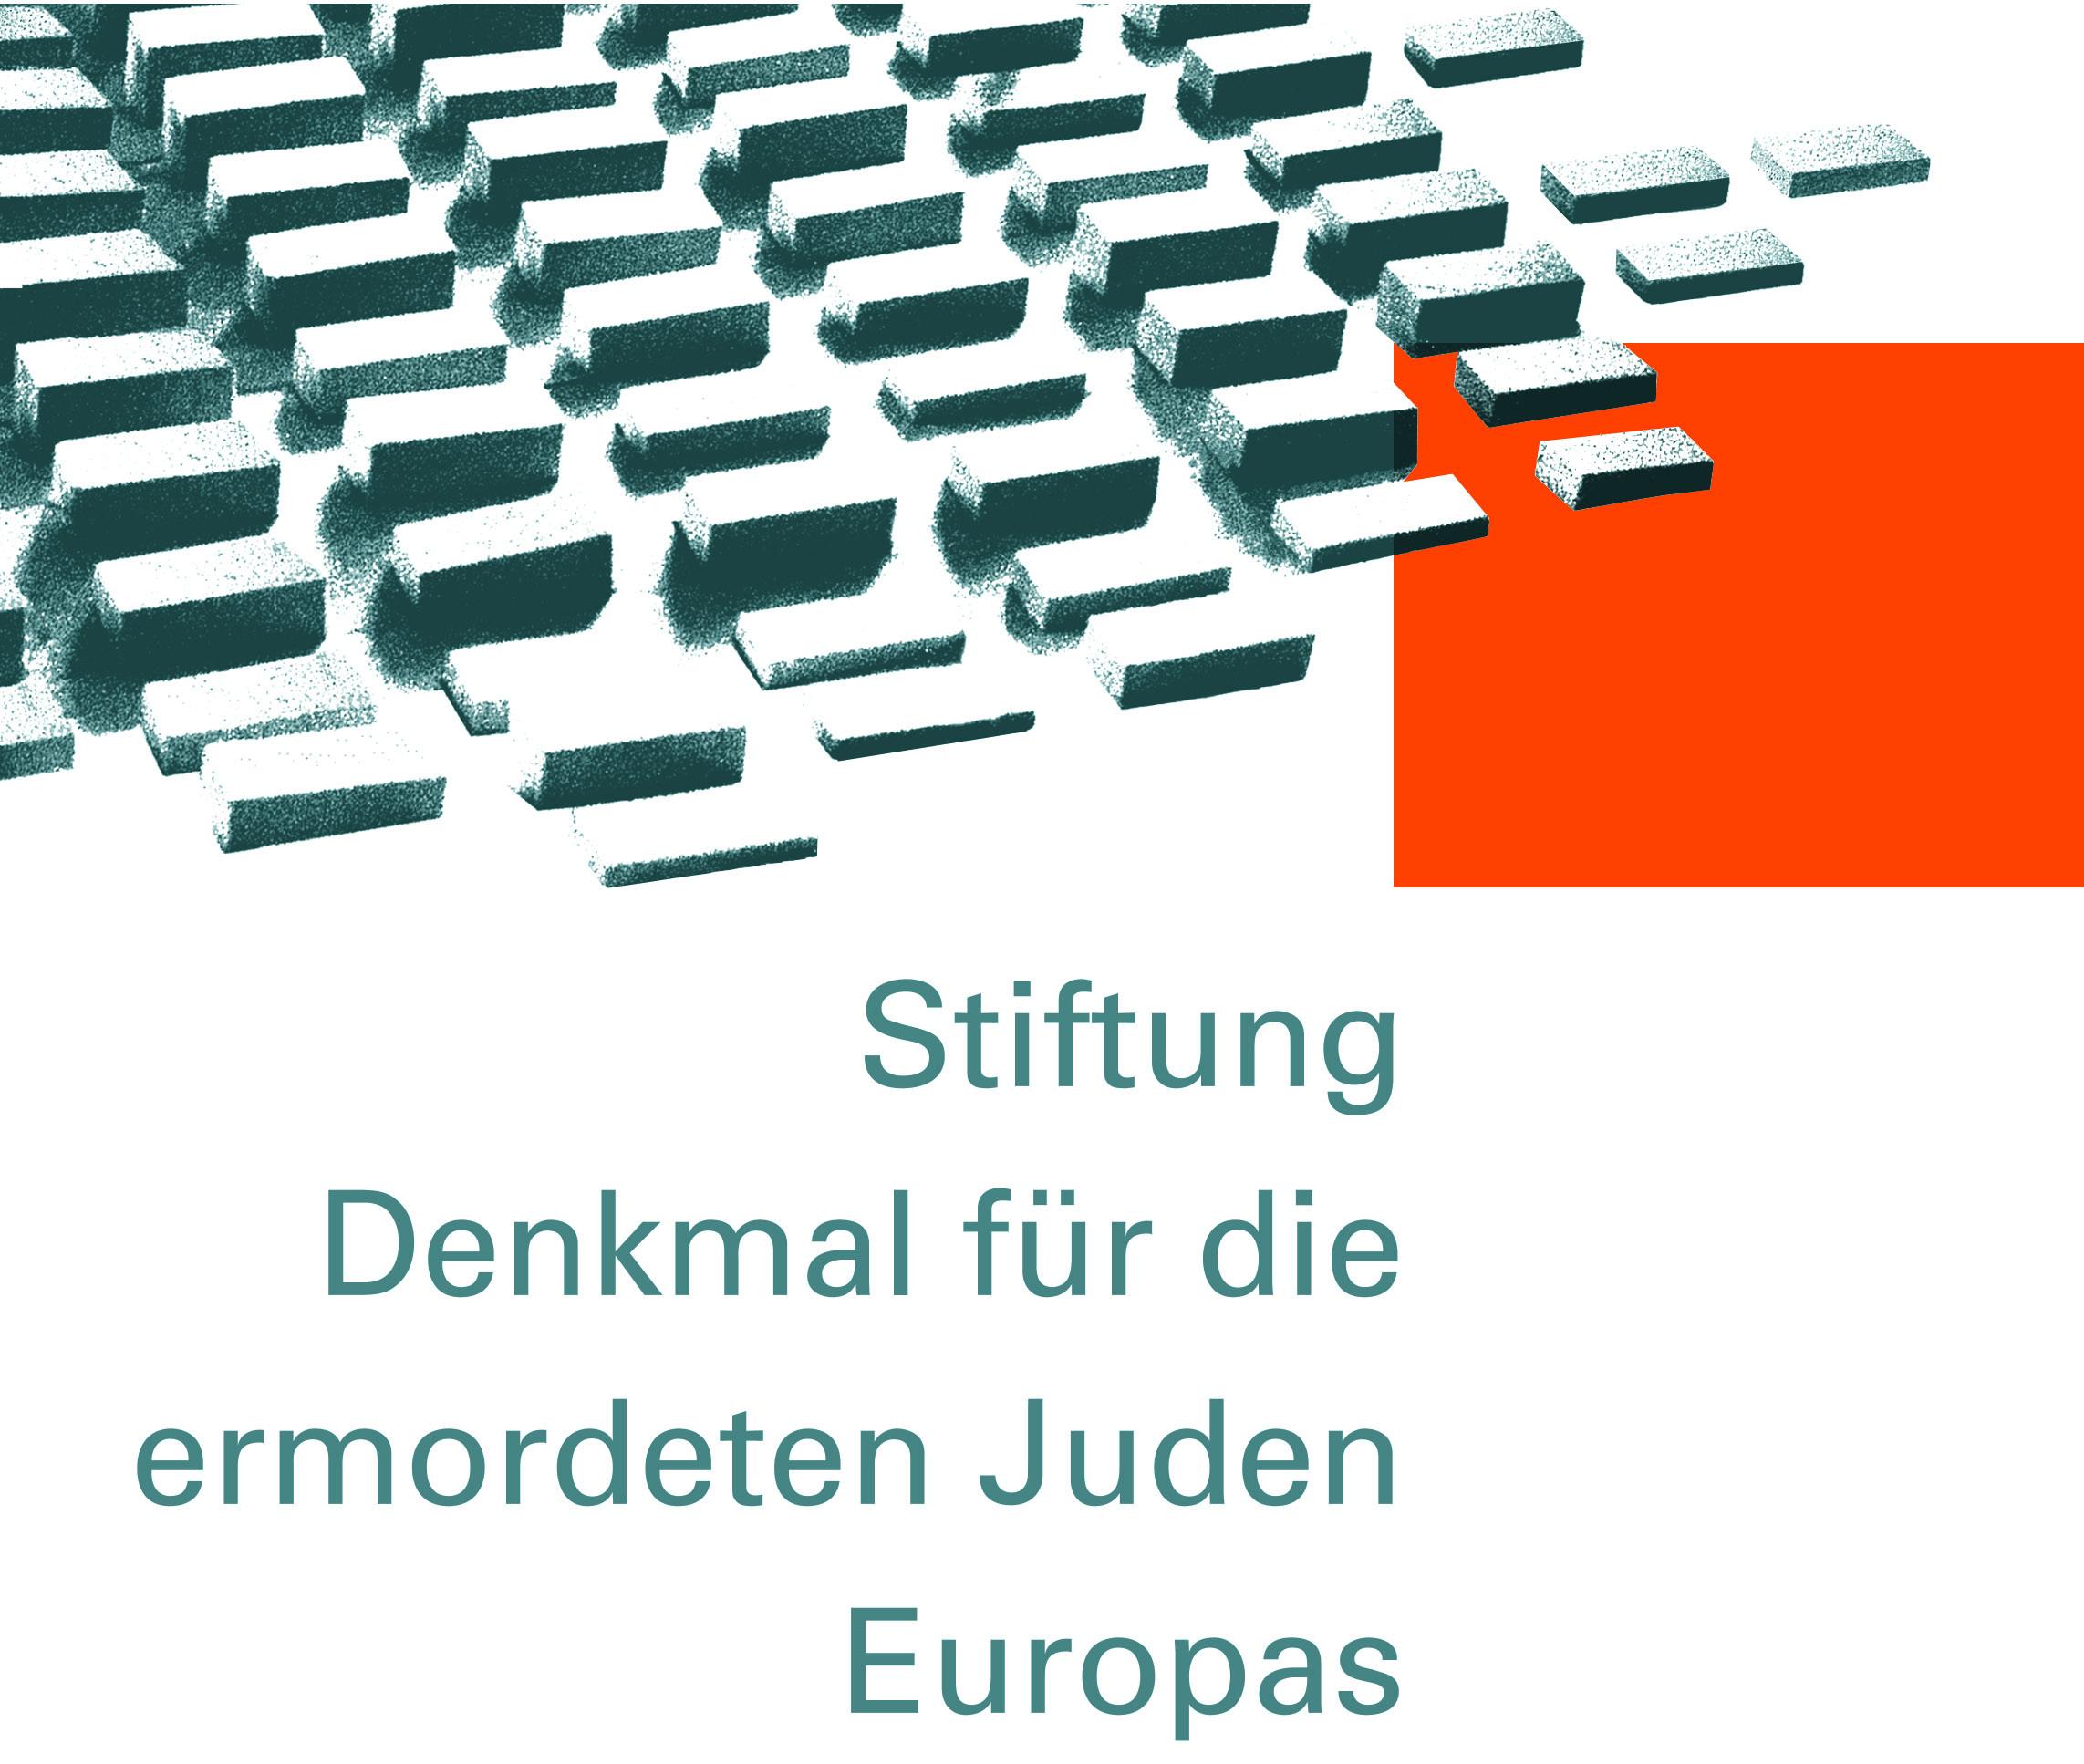 Фонд Меморіал пам'яті вбитих євреїв Європи